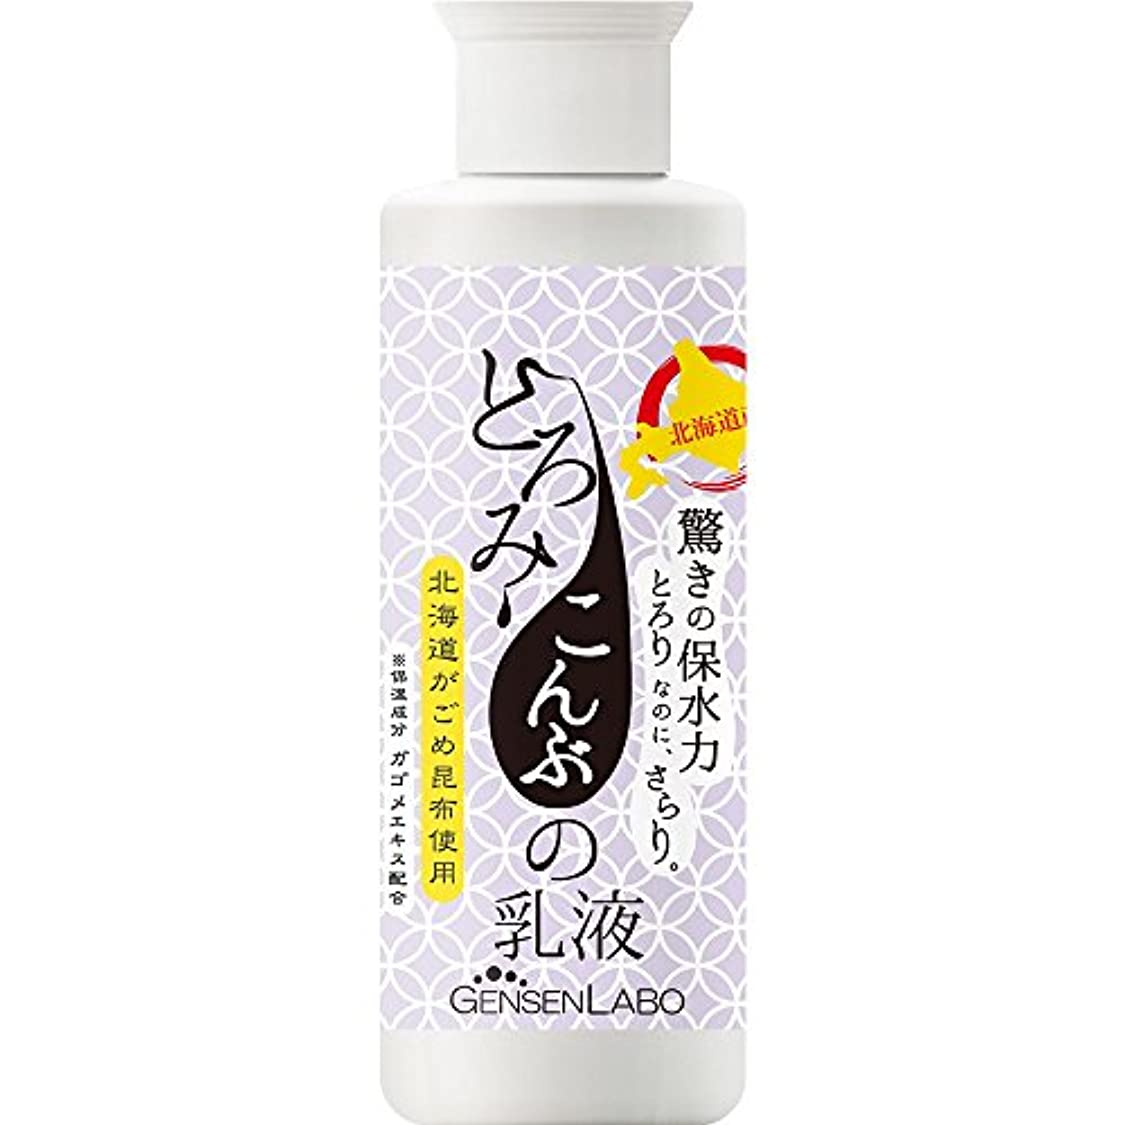 病弱商品フラップピュアスマイル GENSENLABO とろみ乳液 150ml